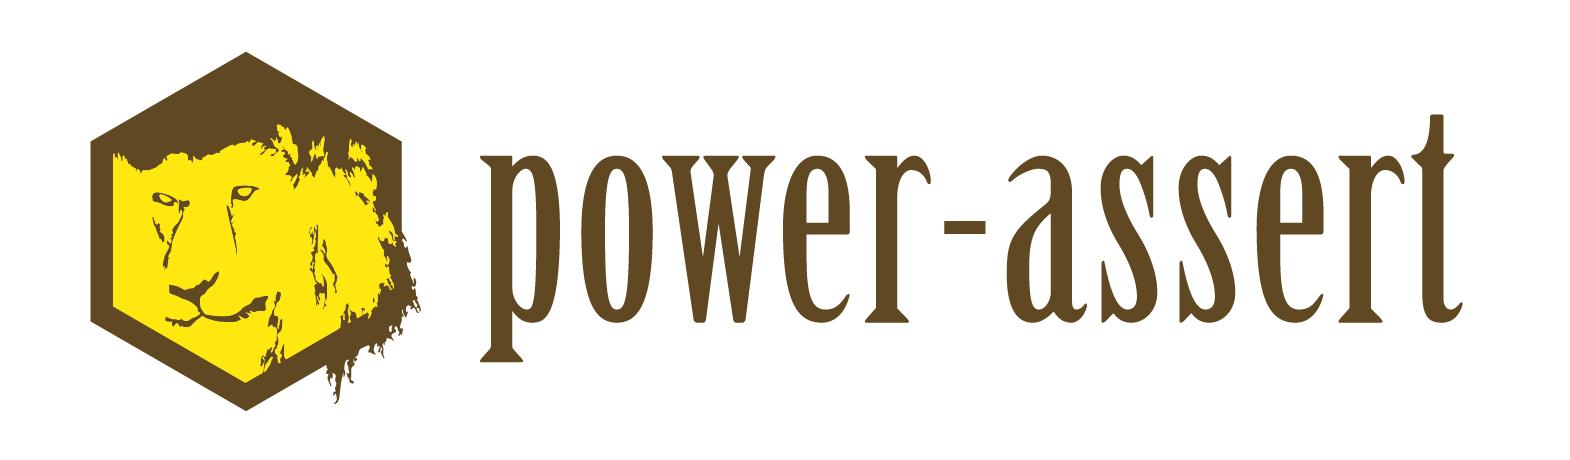 power-assert